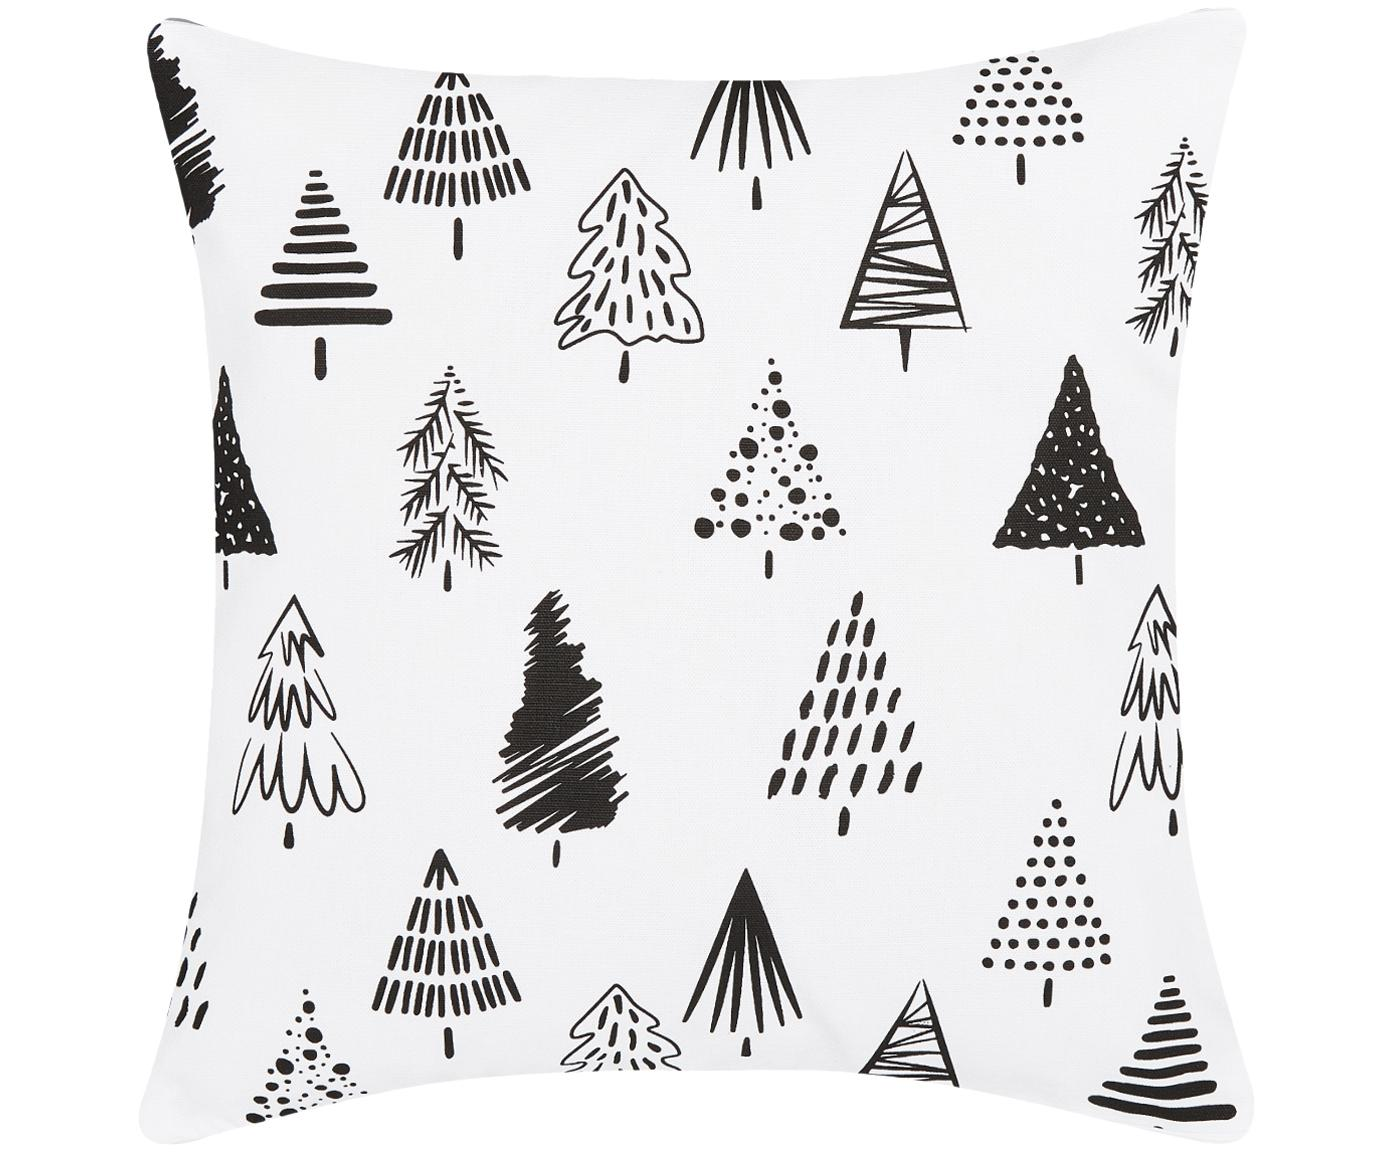 Poszewka na poduszkę Scandi, 100 % bawełna, Biały, czarny, S 40 x D 40 cm